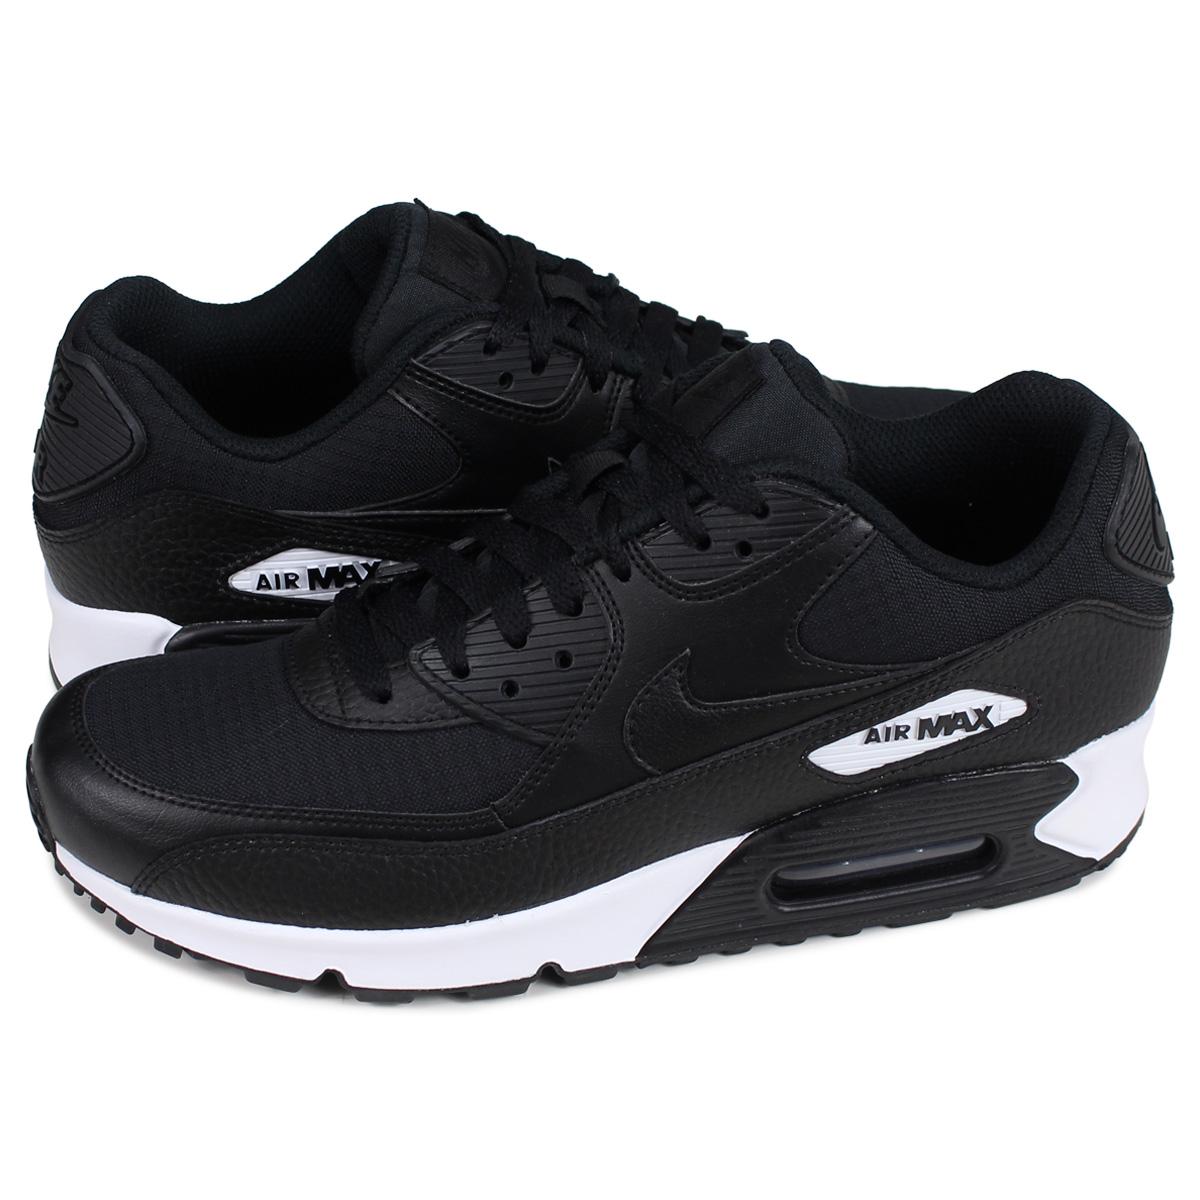 b6687c4de9432 Nike NIKE Air Max 90 sneakers men gap Dis WMNS AIR MAX 90 black black  325,213 ...